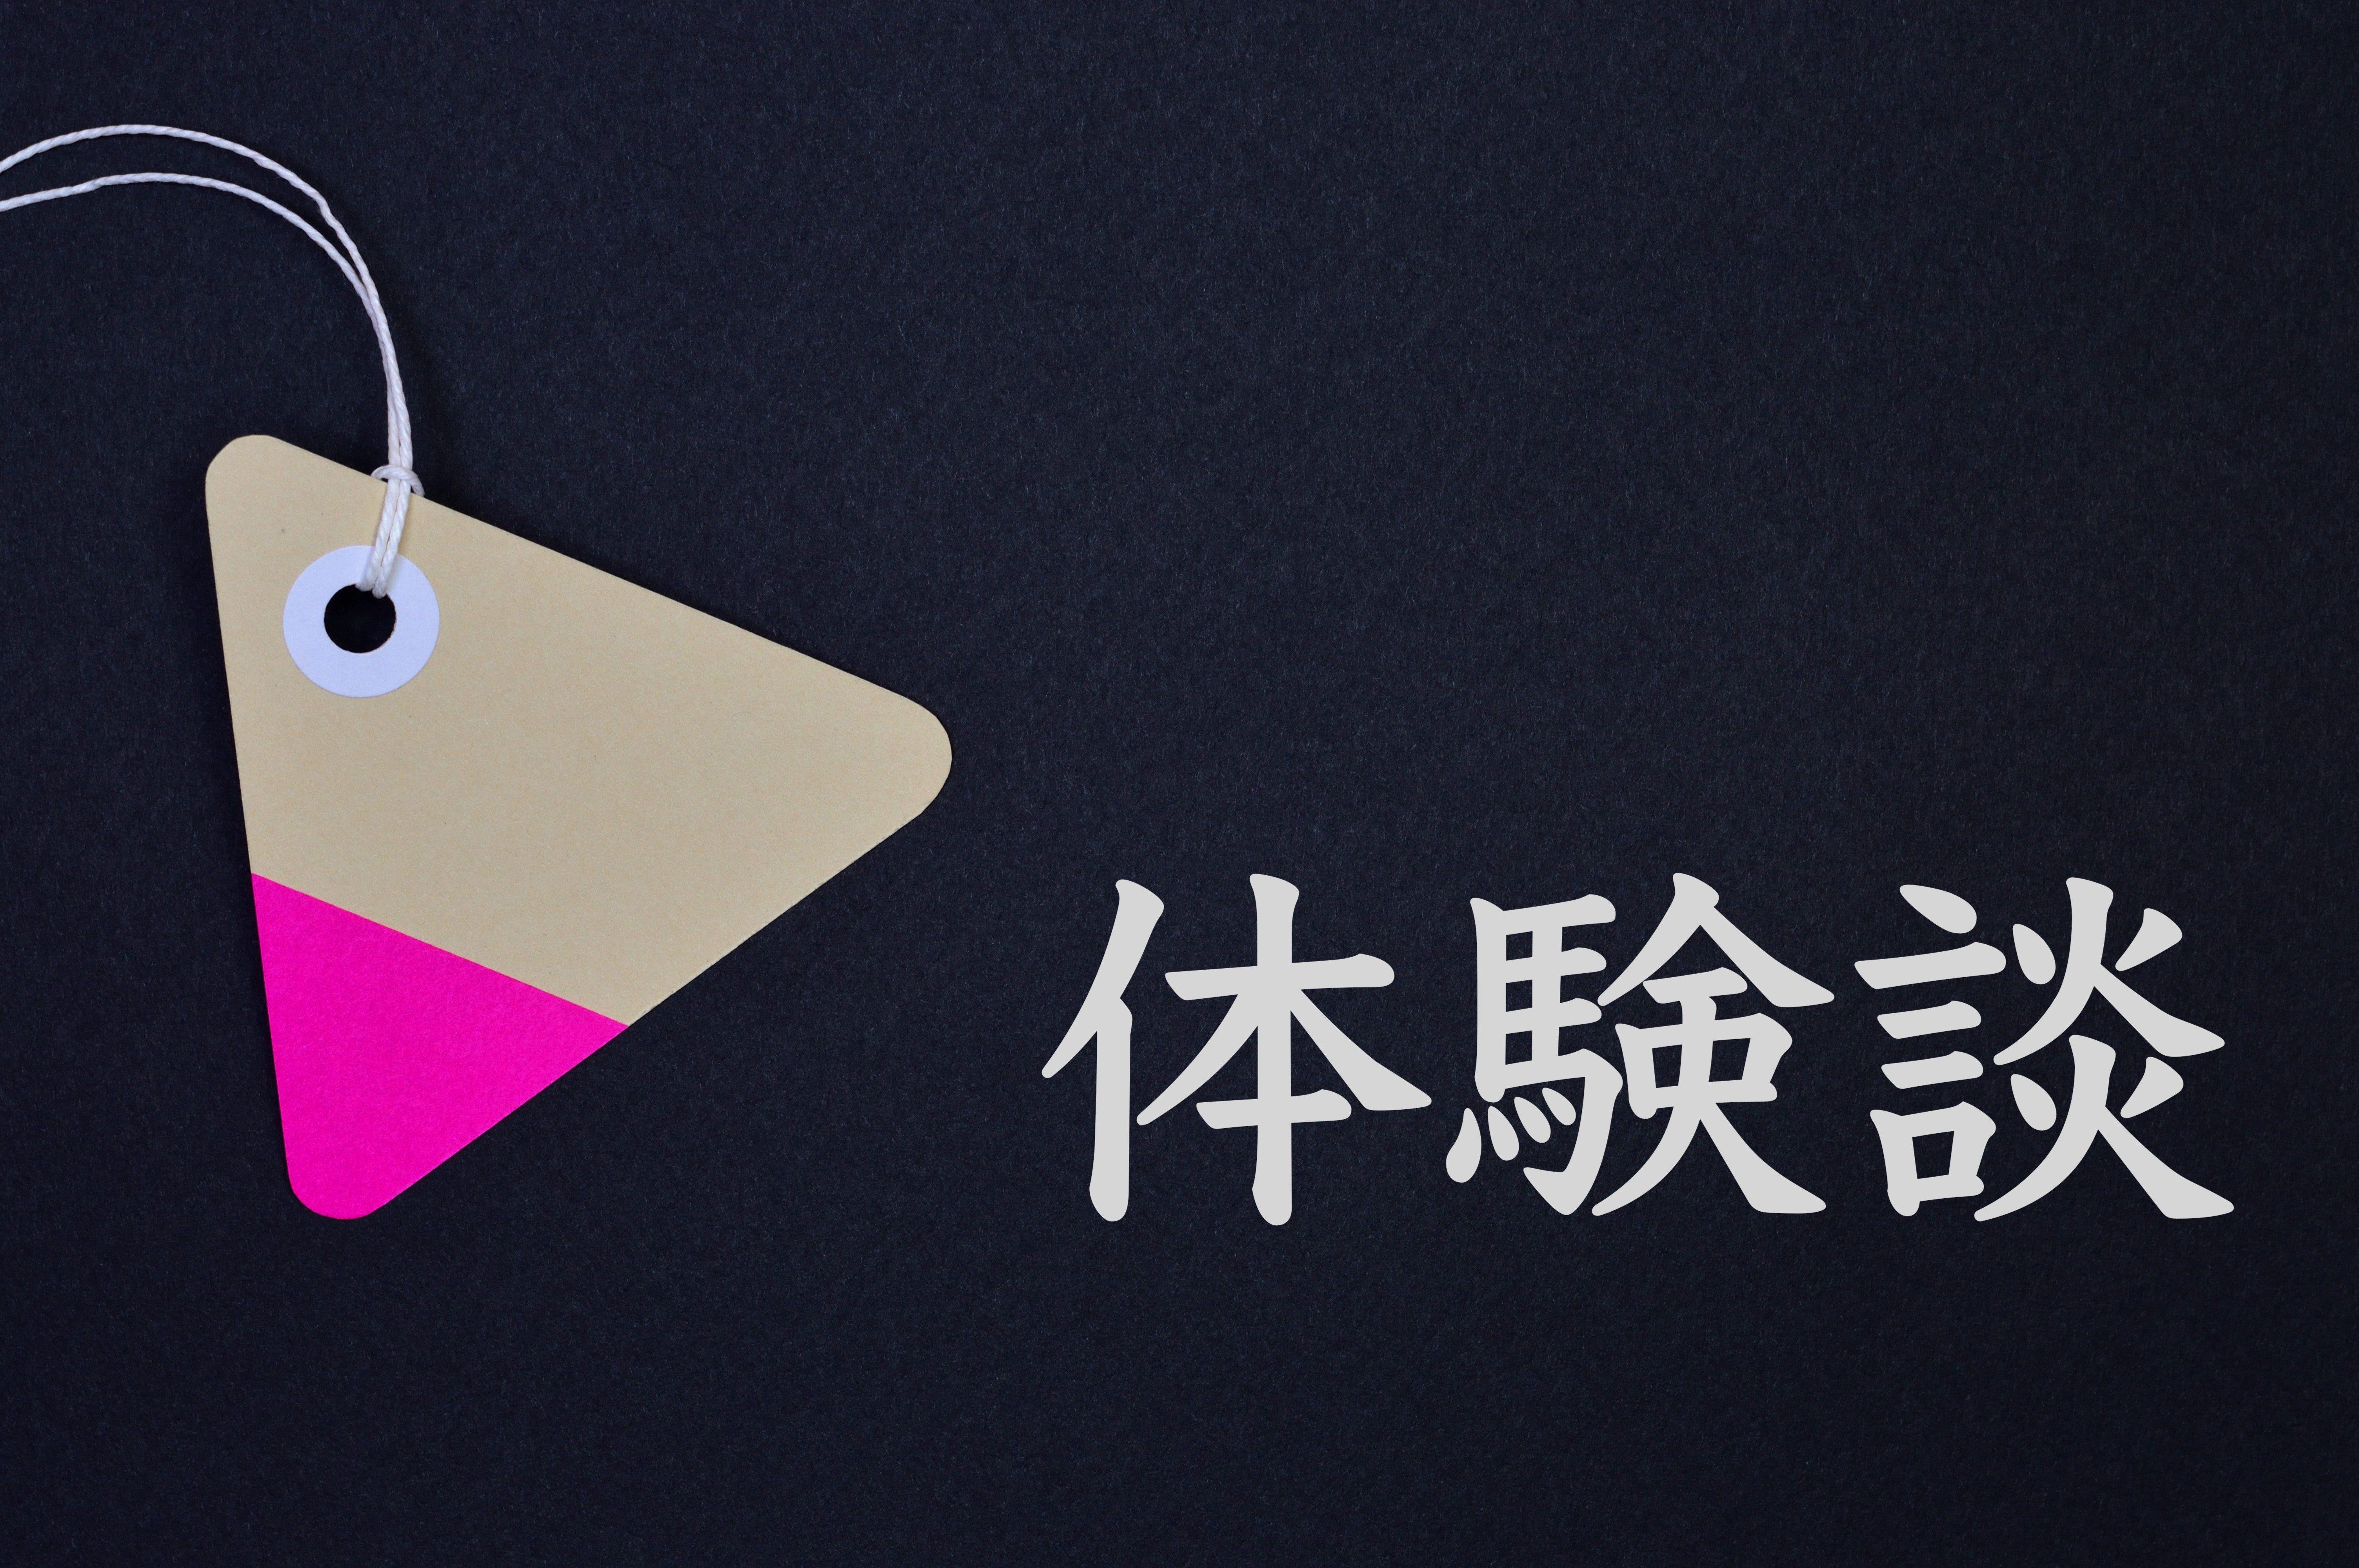 スケート 連盟 マイ ページ 日本